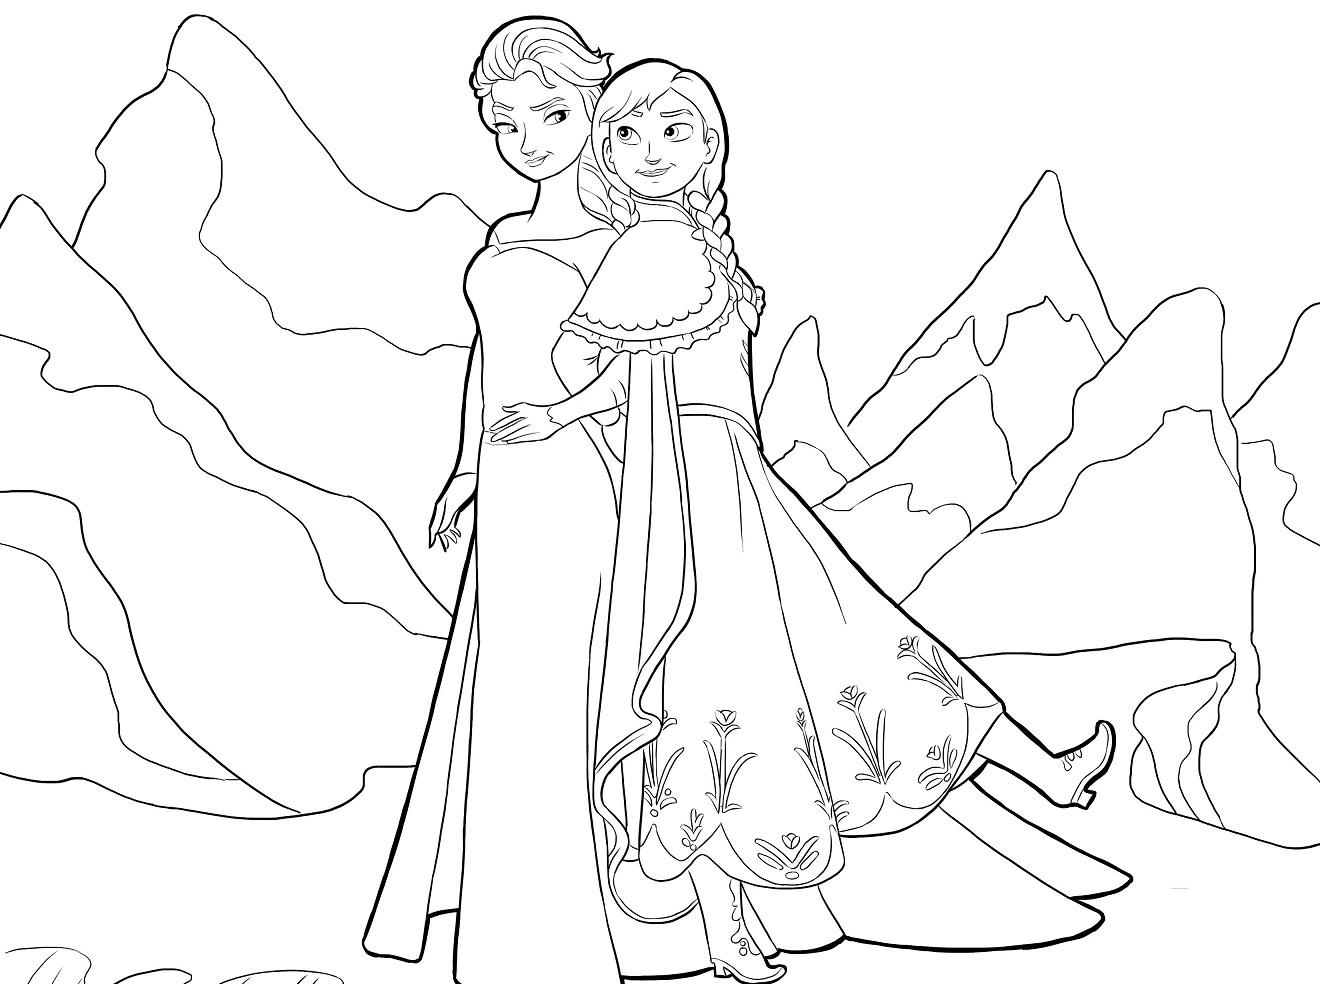 Dibujos de Elsa y Anna para pintar | Princesas Disney